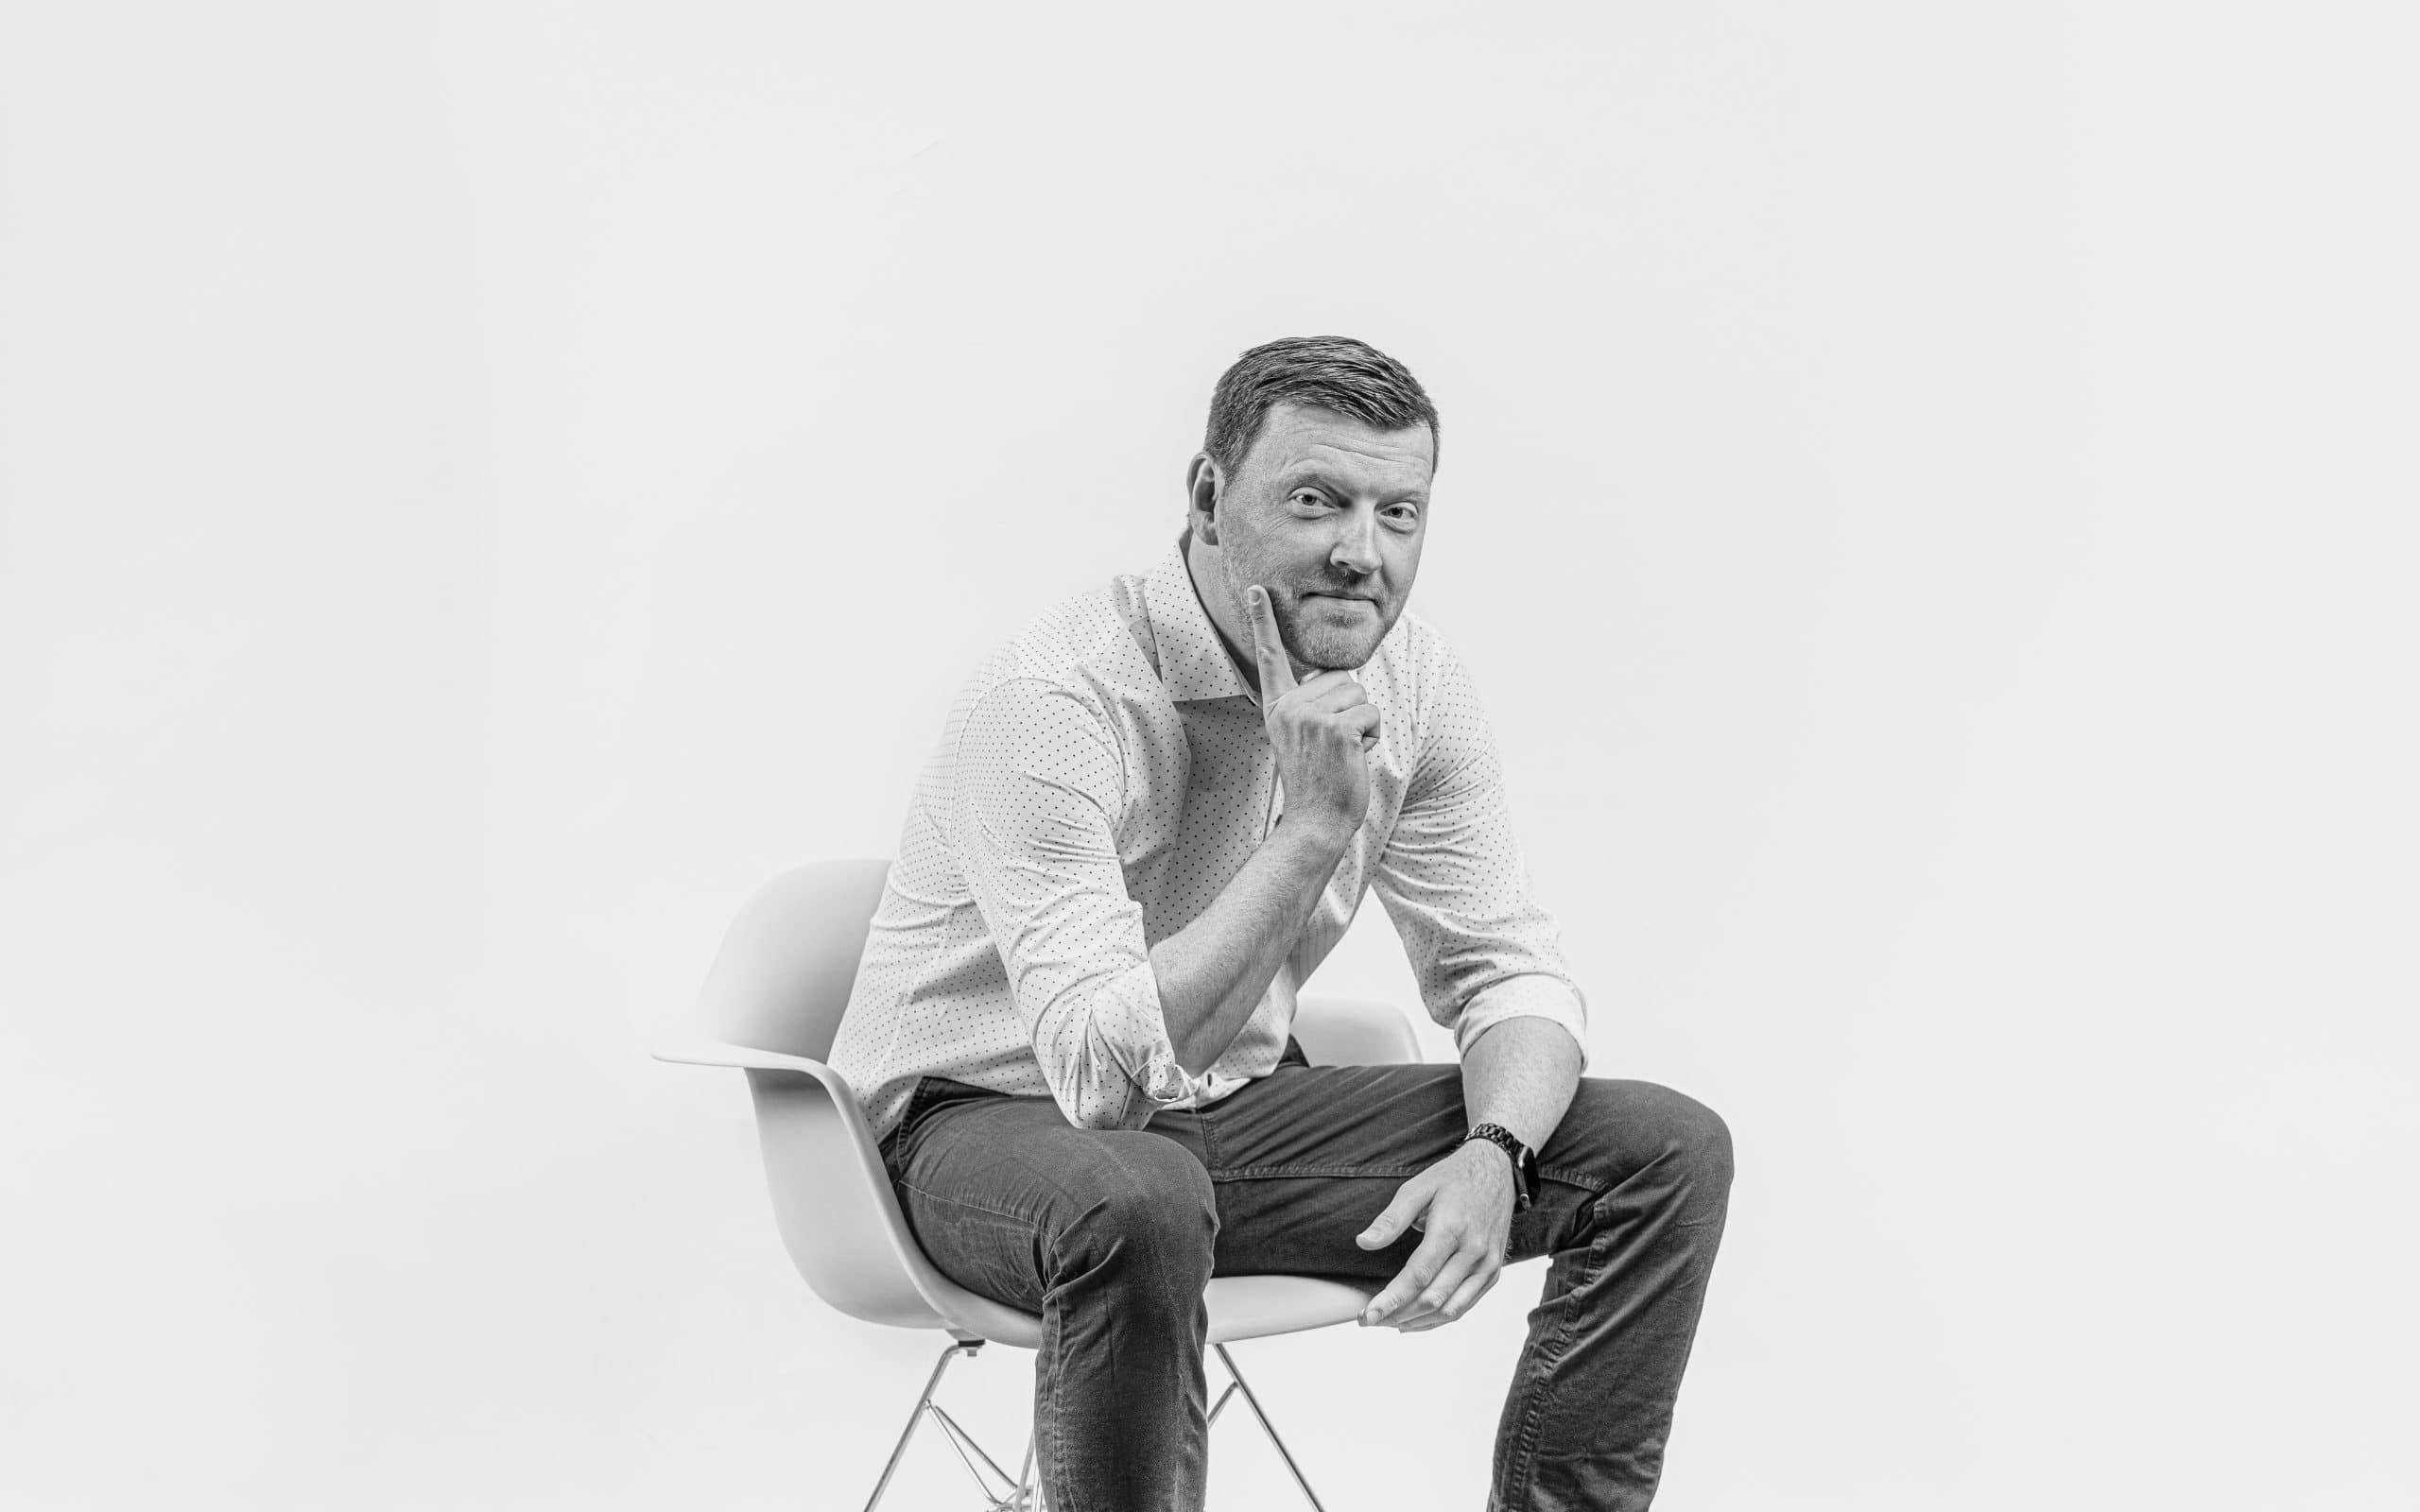 Profilbild von Rayk Lorz in schwarz-weiß